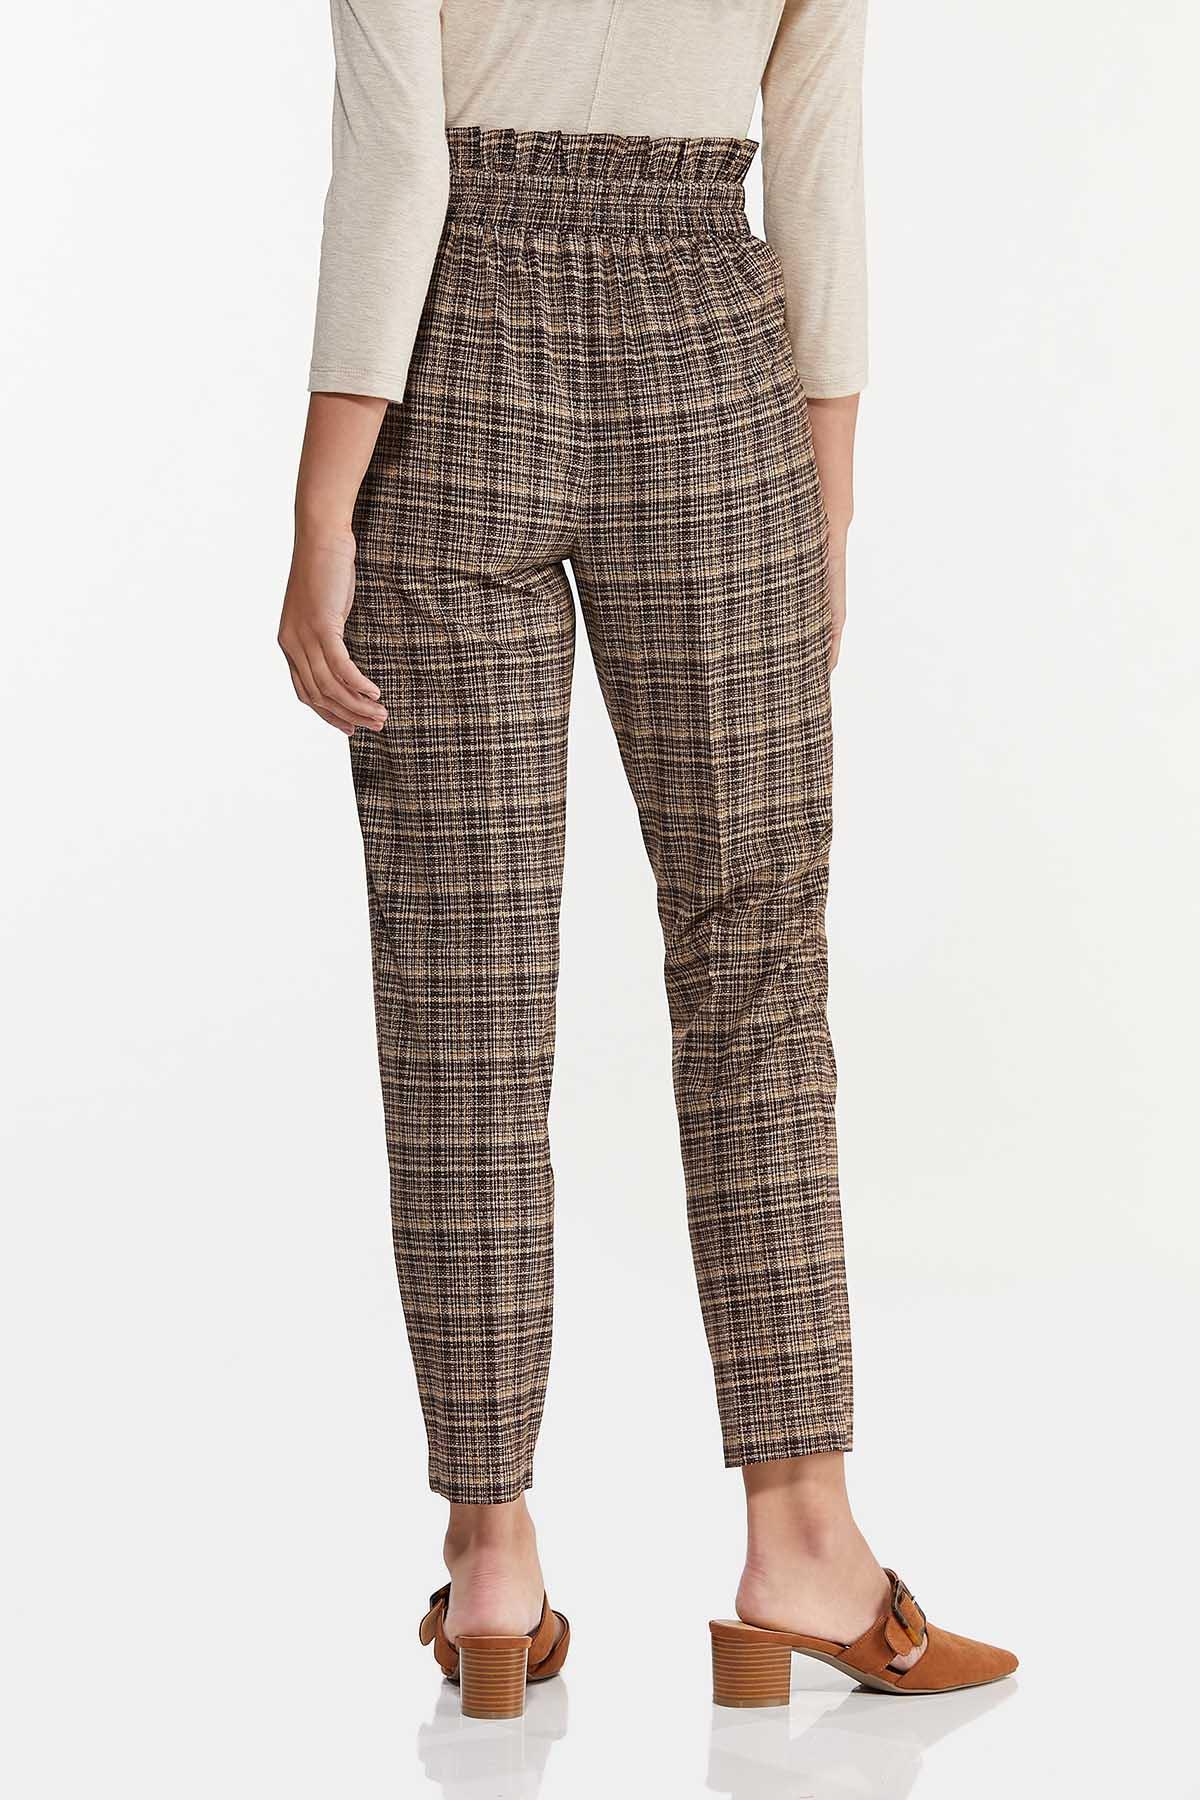 Brown Marled Tie Waist Pants (Item #44637032)